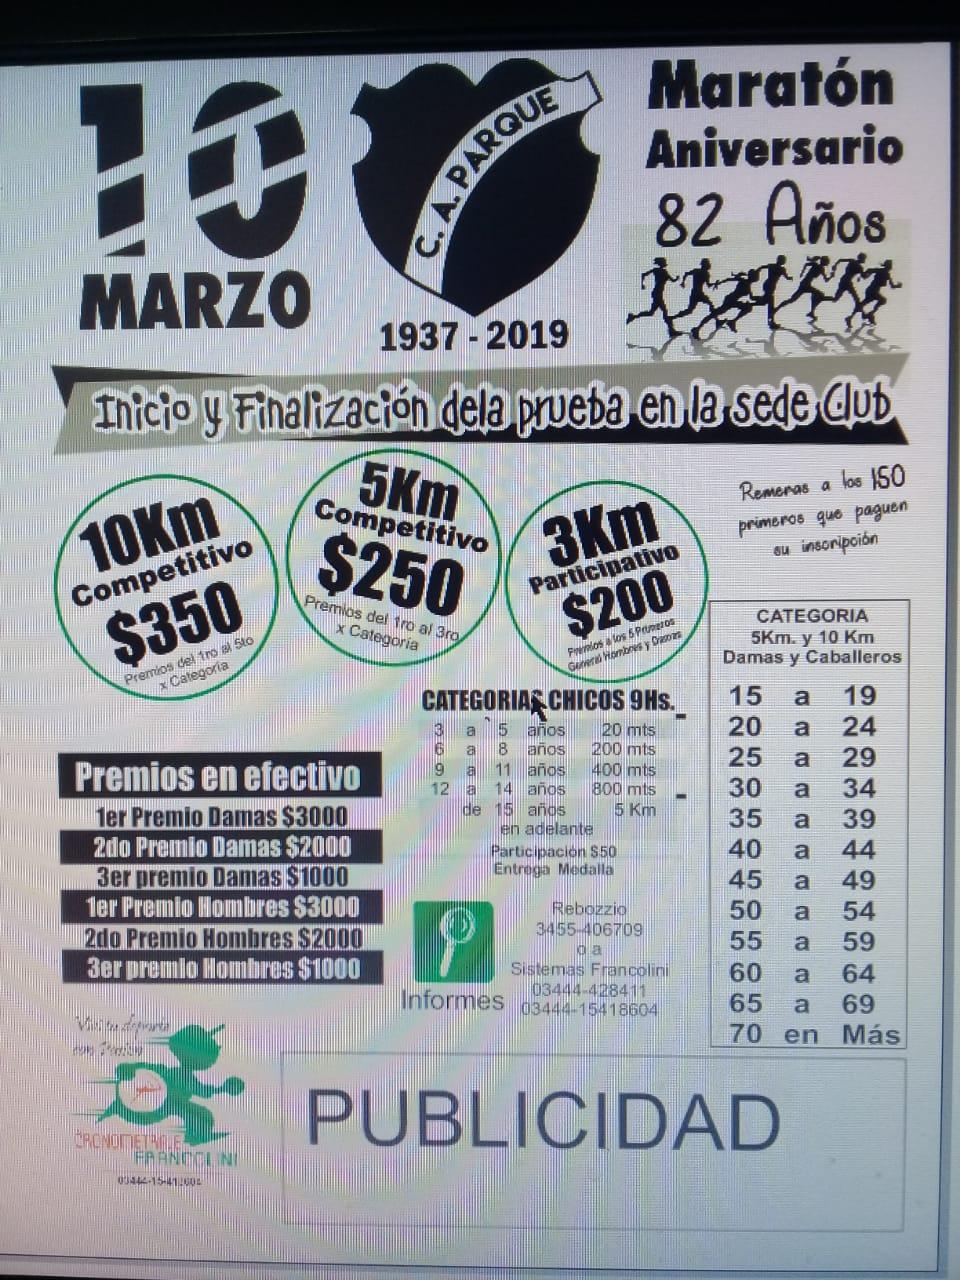 Maraton Aniv. 82° Club Parque (Villaguay)